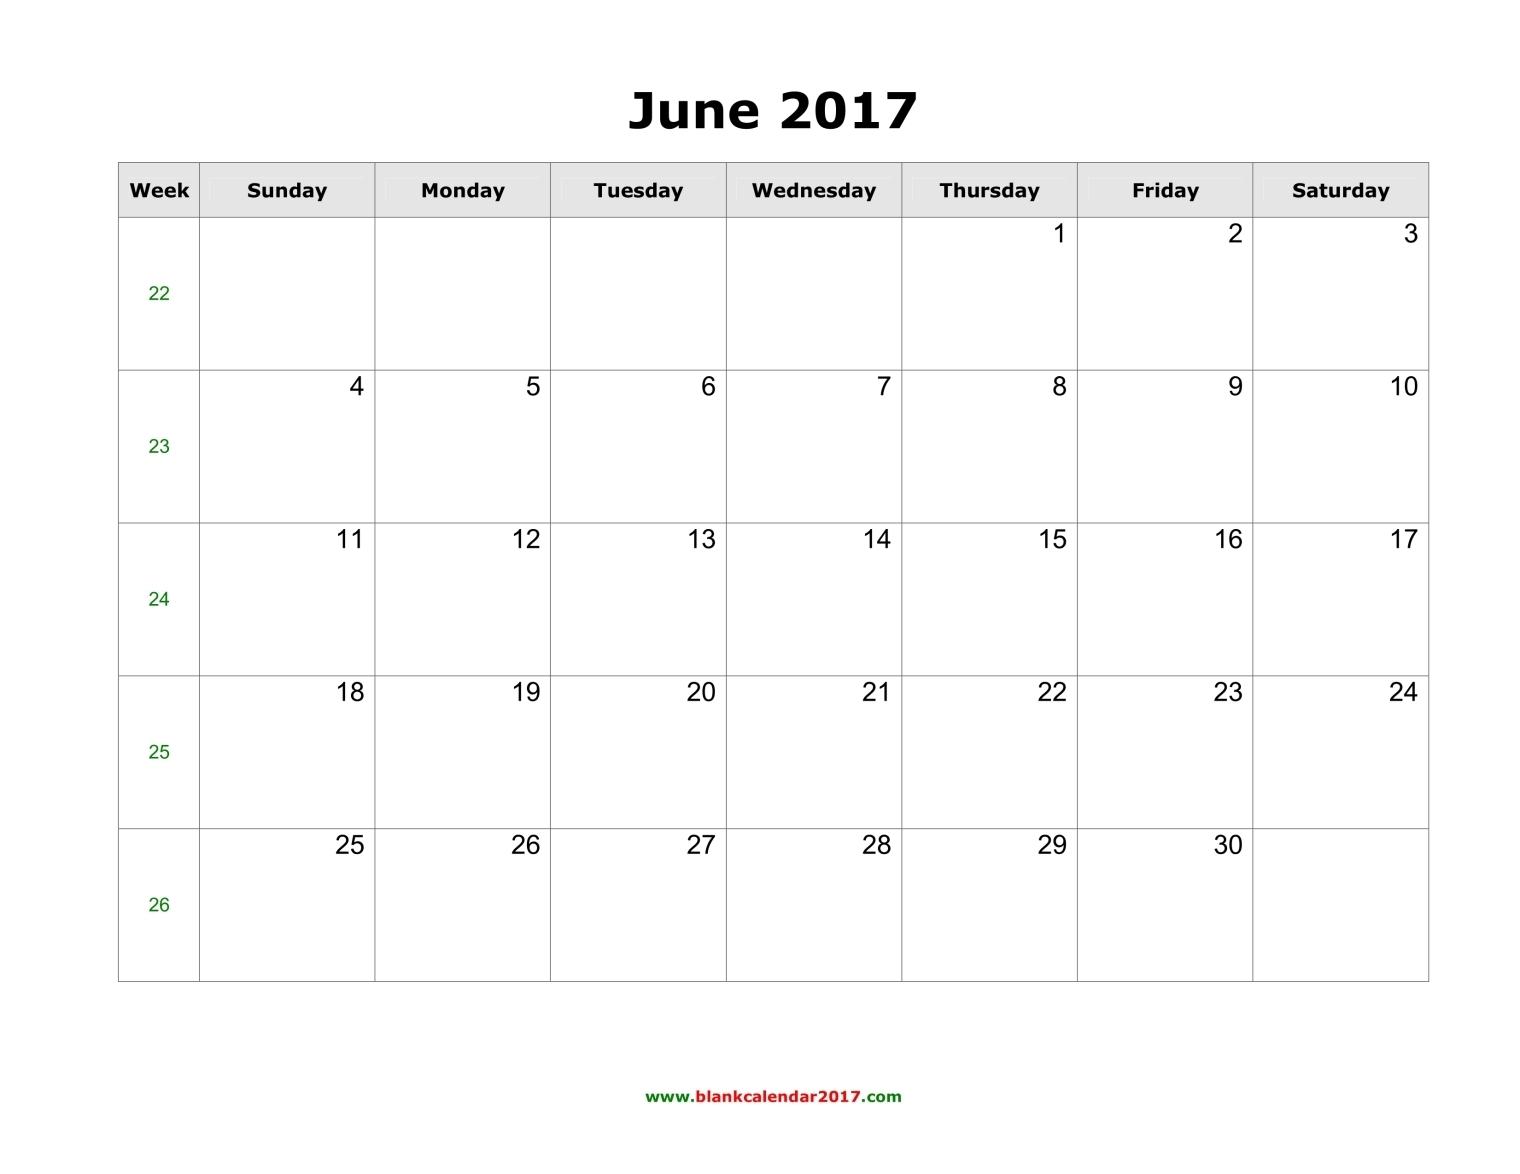 Blank Calendar for June 2017